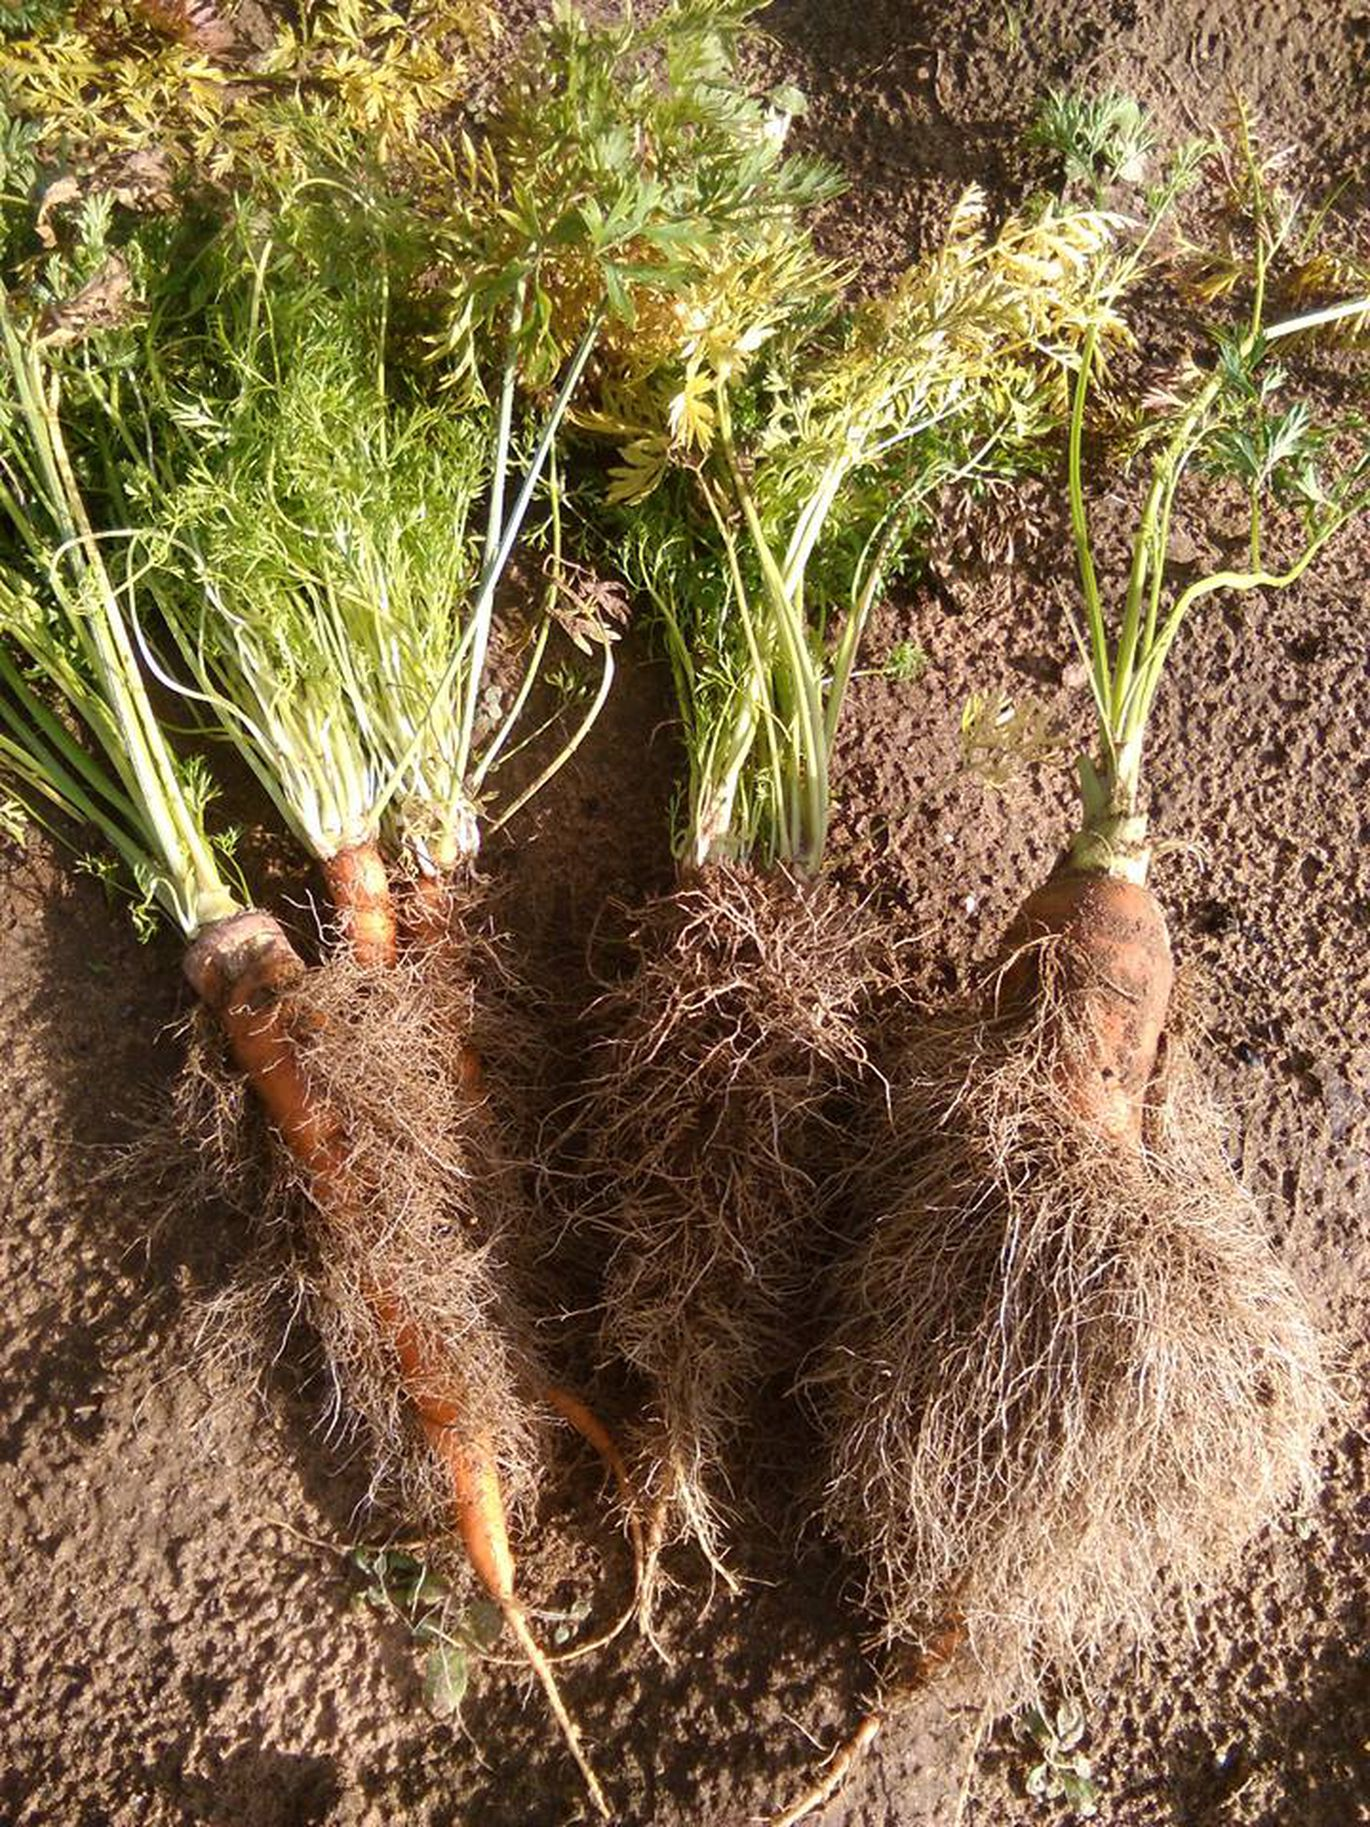 волосатая морковь: почему вырастает, причины фото